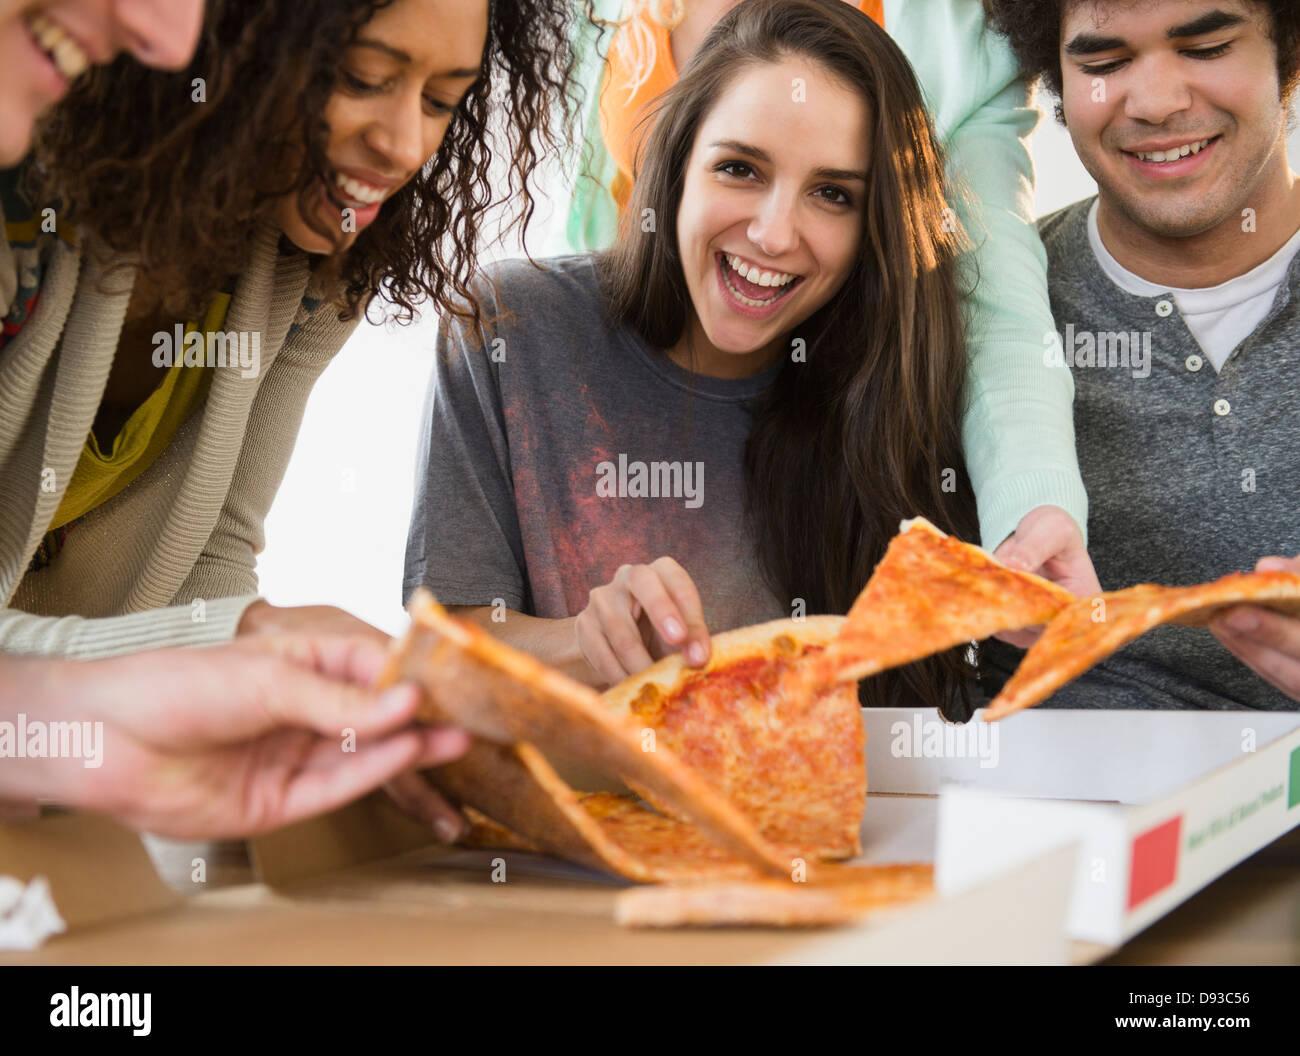 Avoir des amis ensemble pizza Banque D'Images